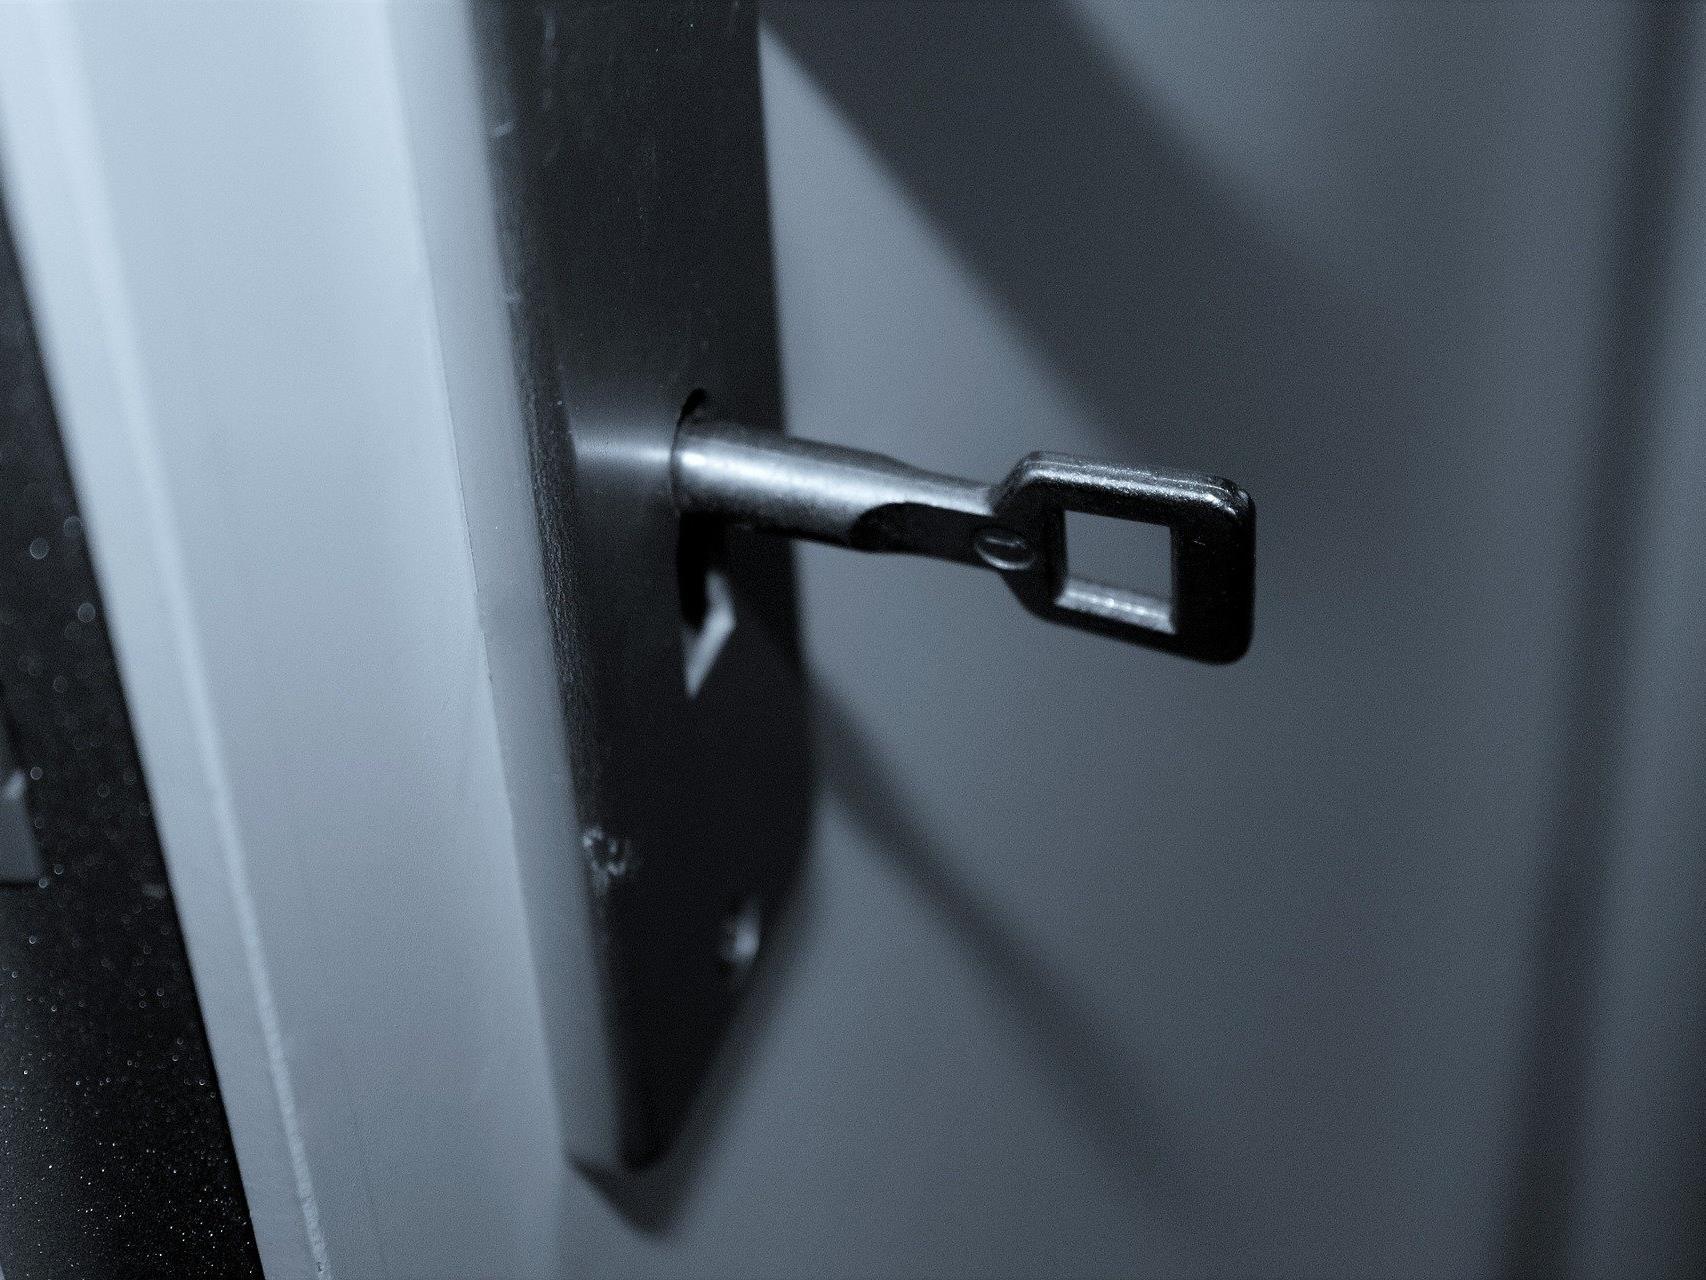 Beim Aufsperren seiner Wohnungstür überraschte der Mann die Einbrecher.